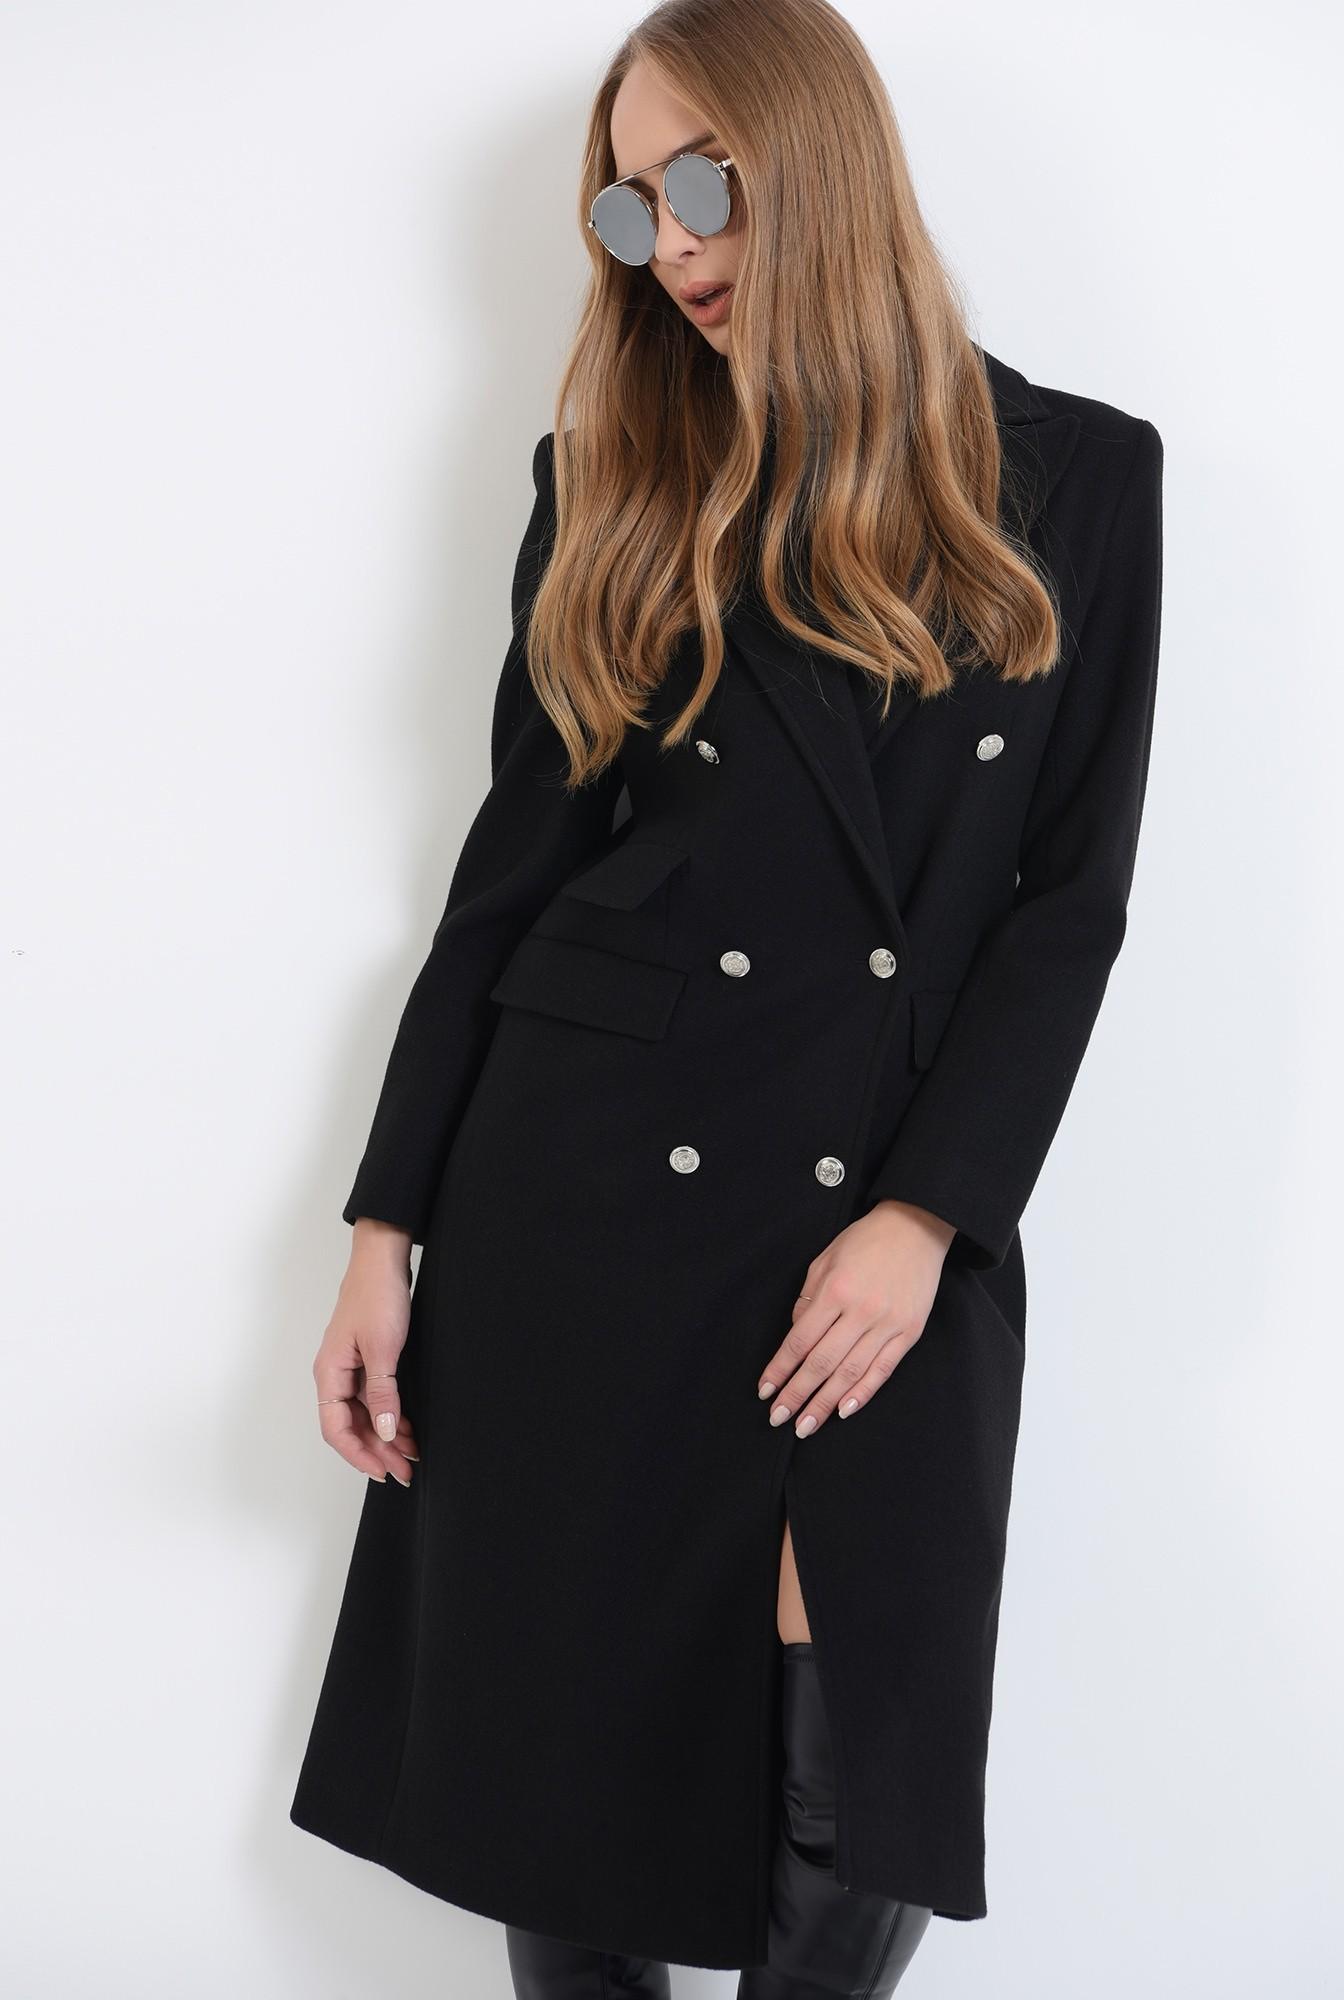 0 - palton negru, midi, cu revere